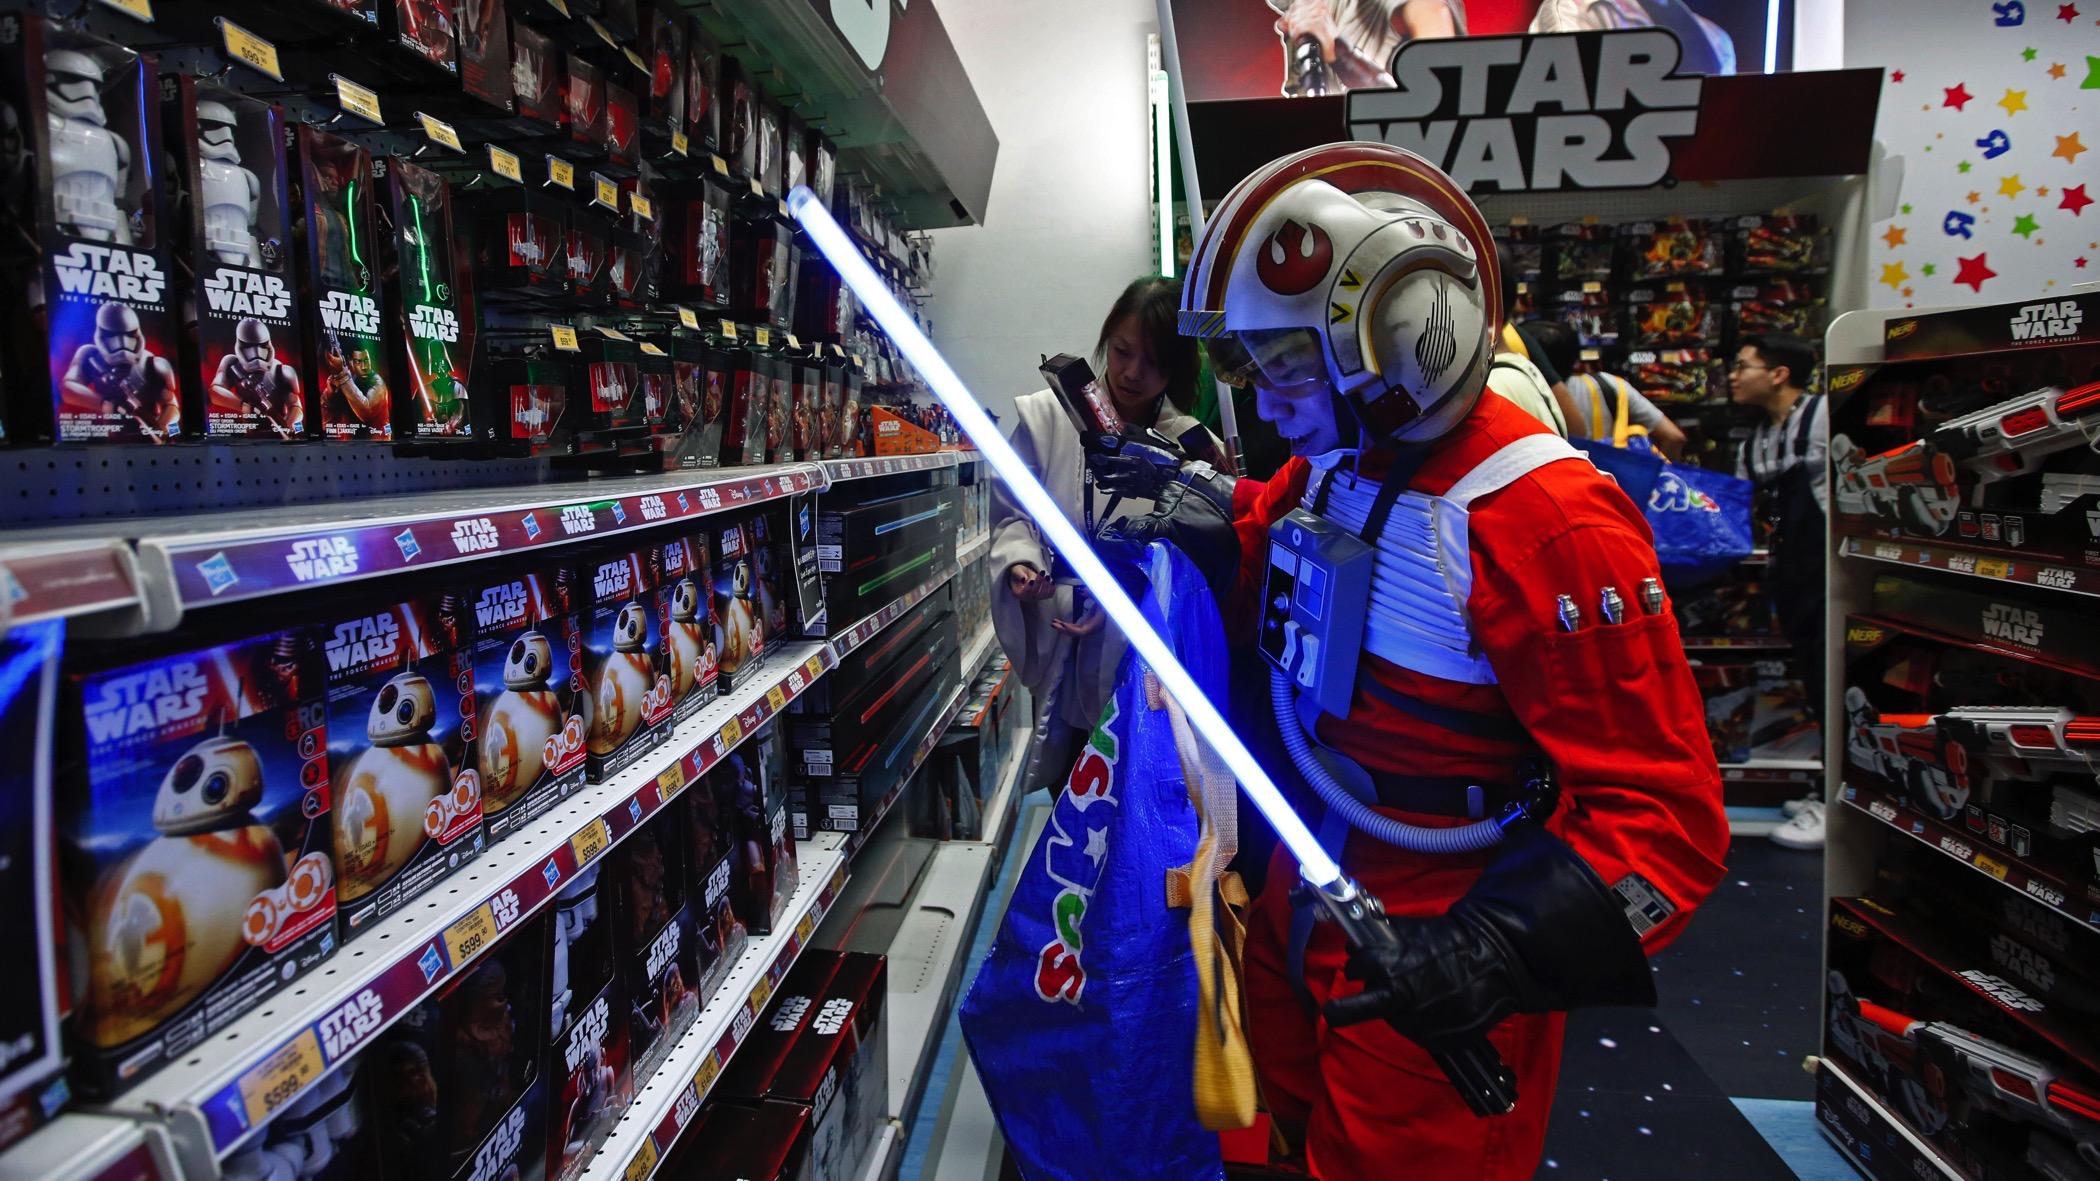 Hong Kong Star Wars